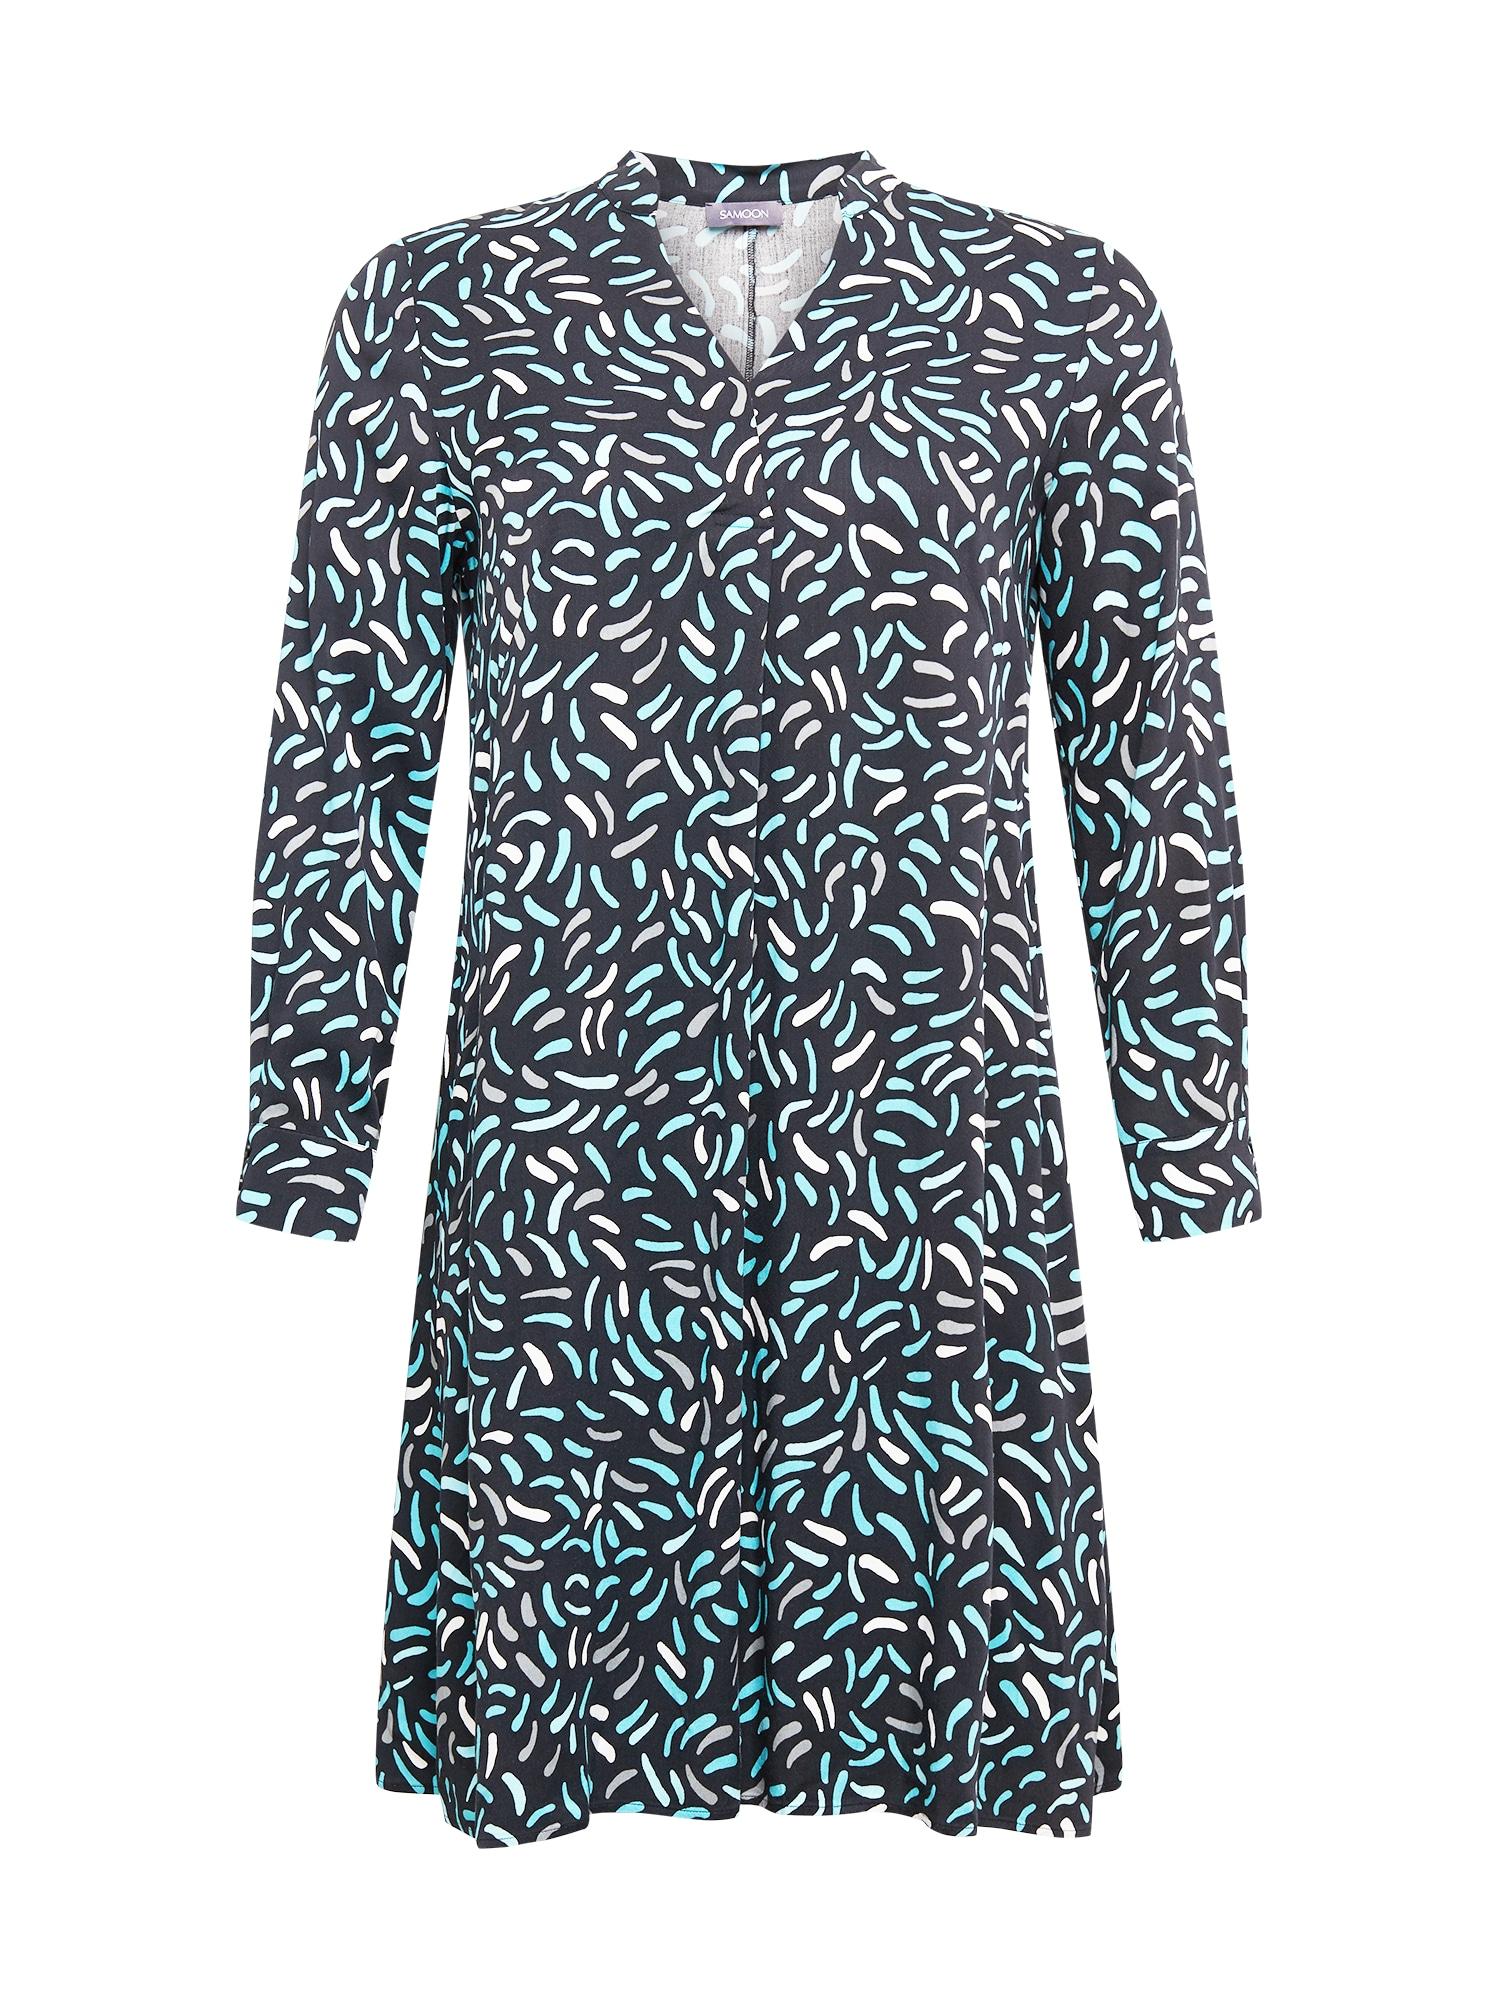 SAMOON Palaidinės tipo suknelė